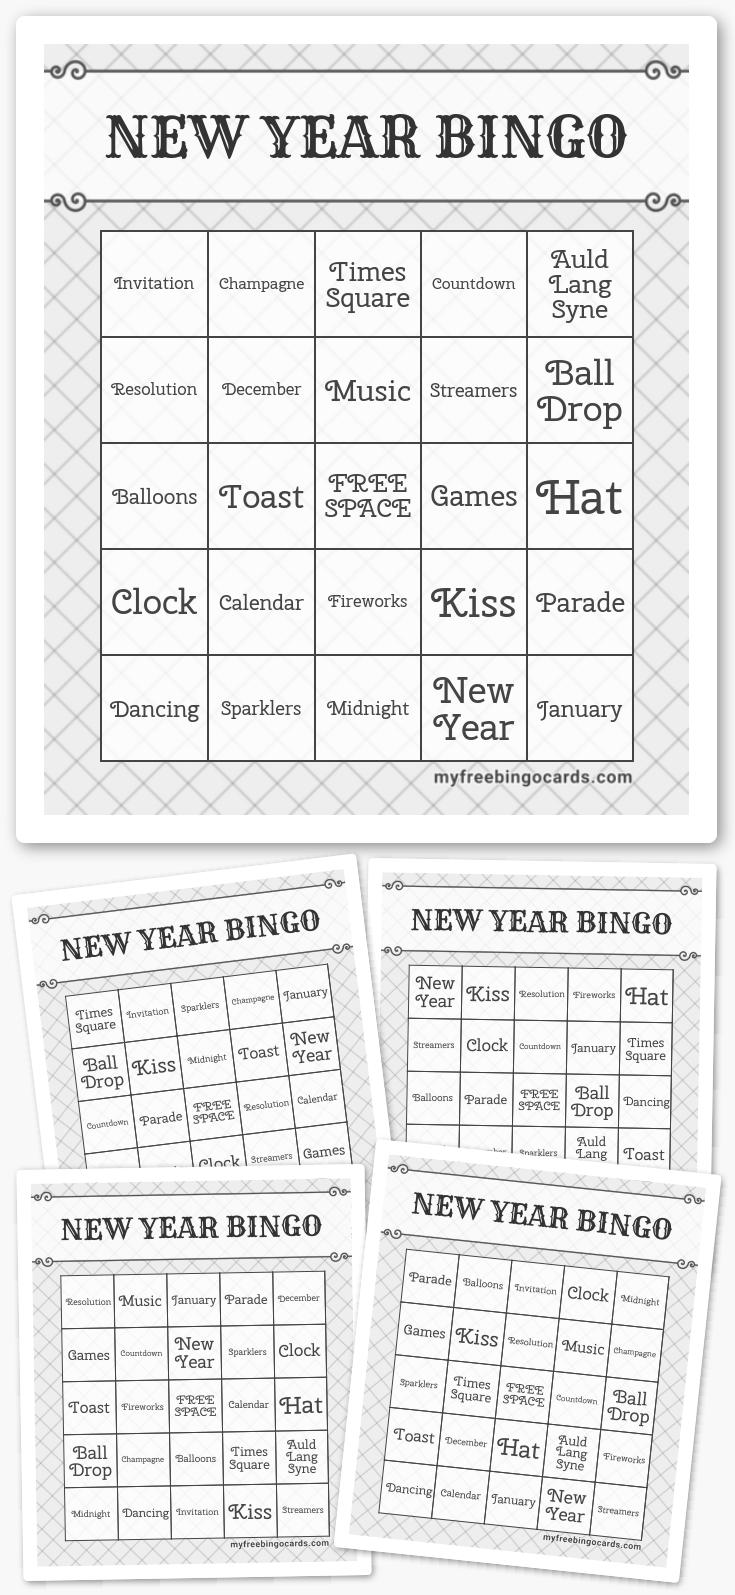 New Year Bingo